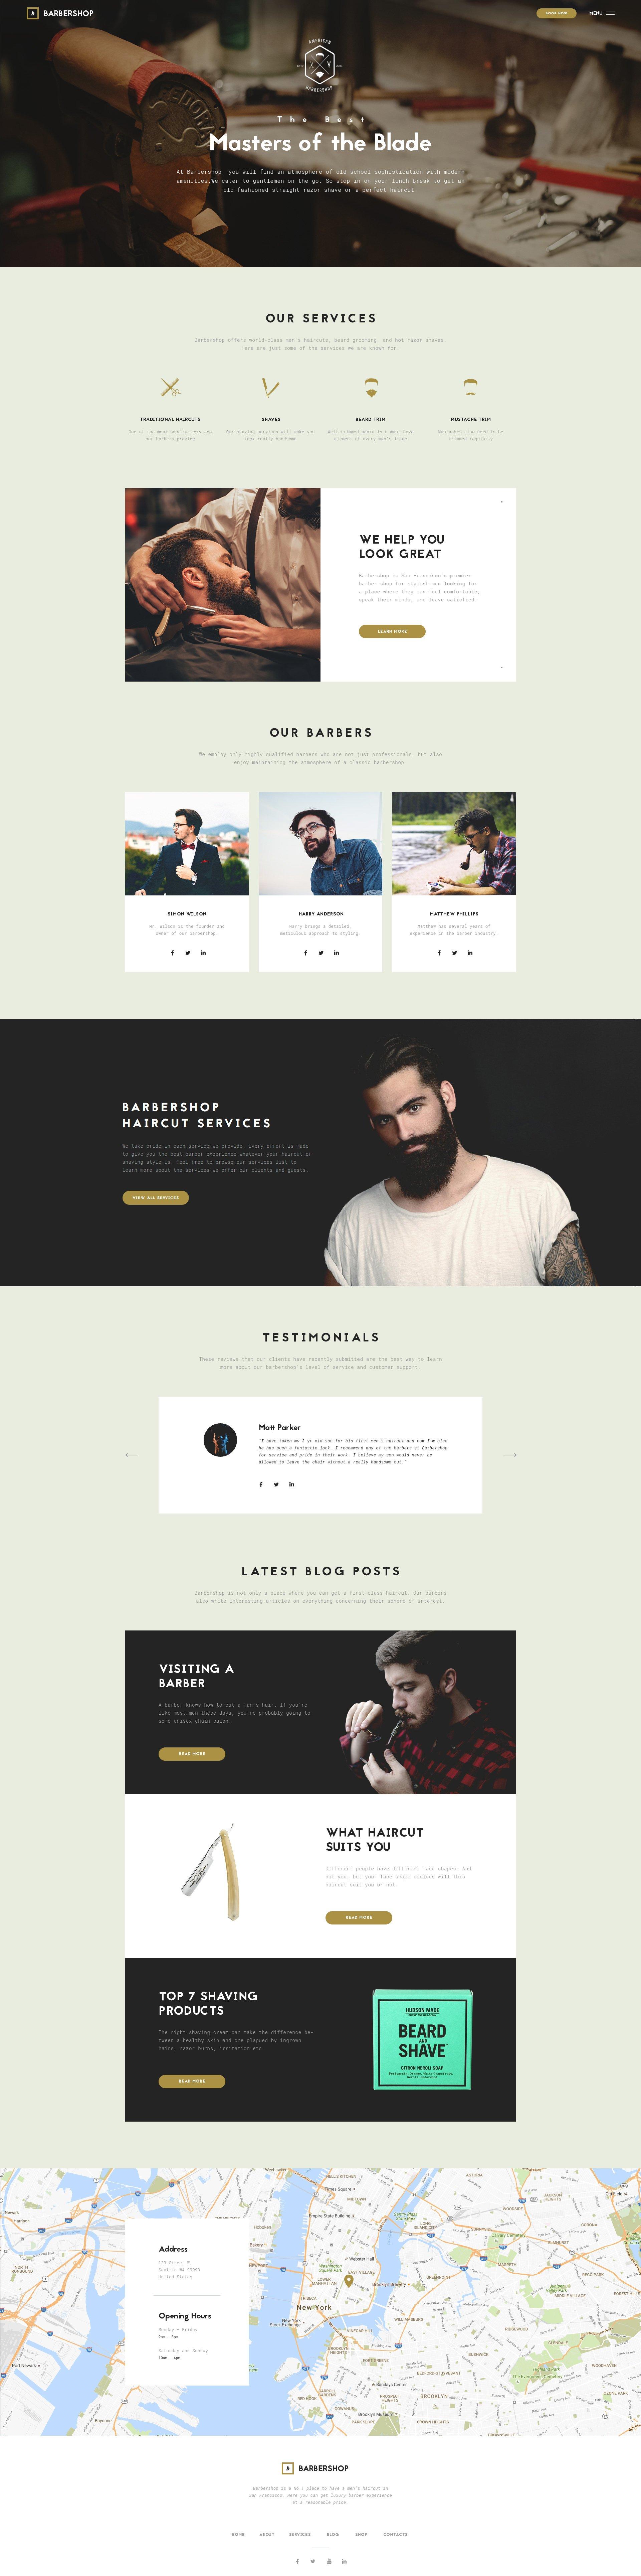 barber shop website. Black Bedroom Furniture Sets. Home Design Ideas